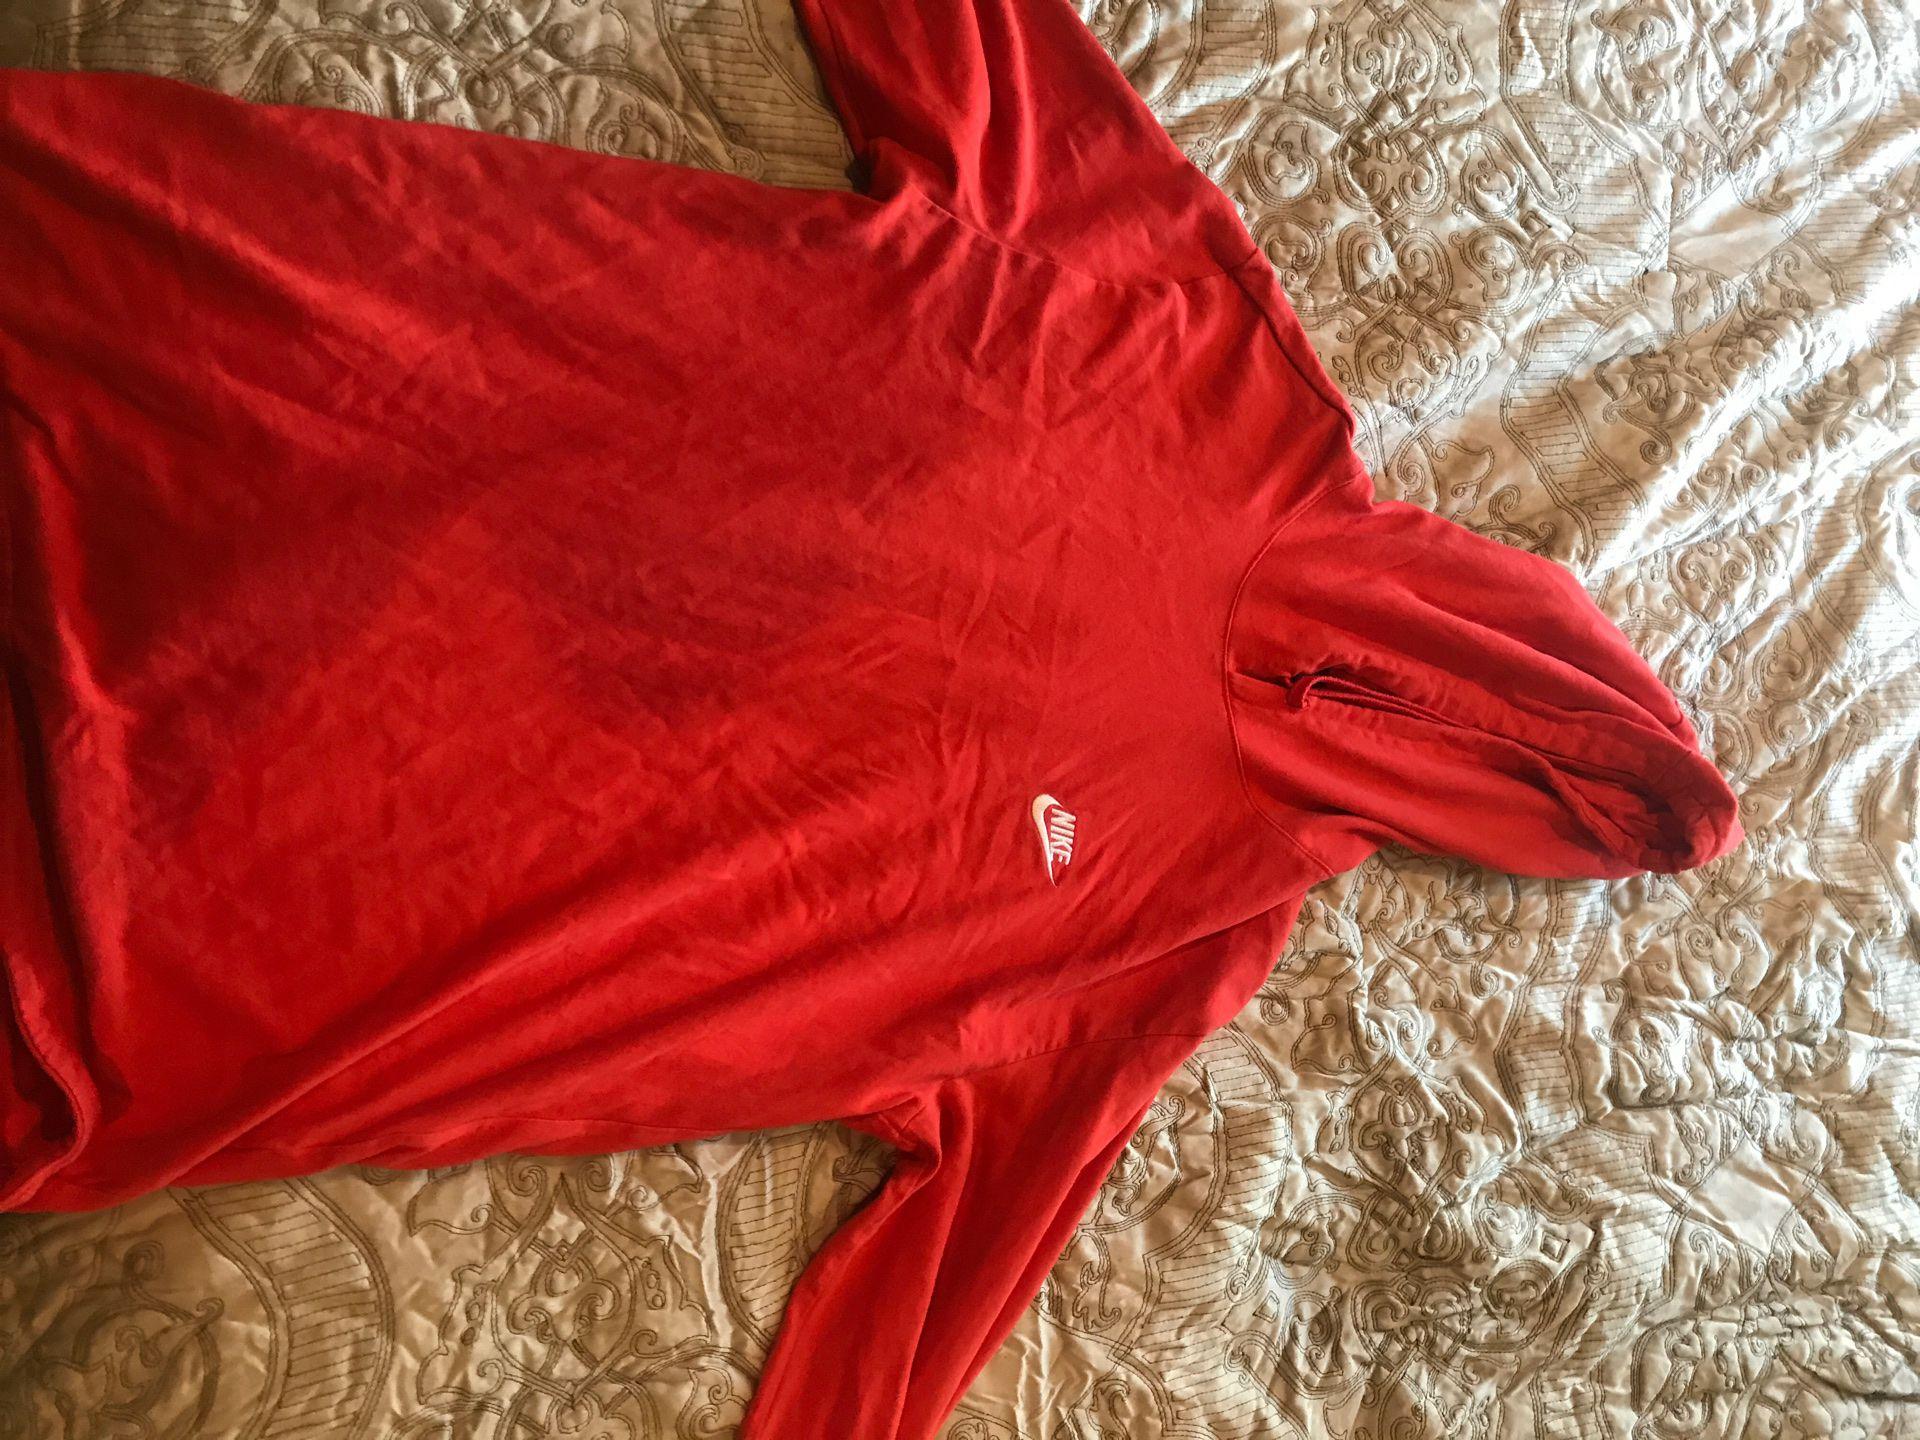 Large Nike sweater